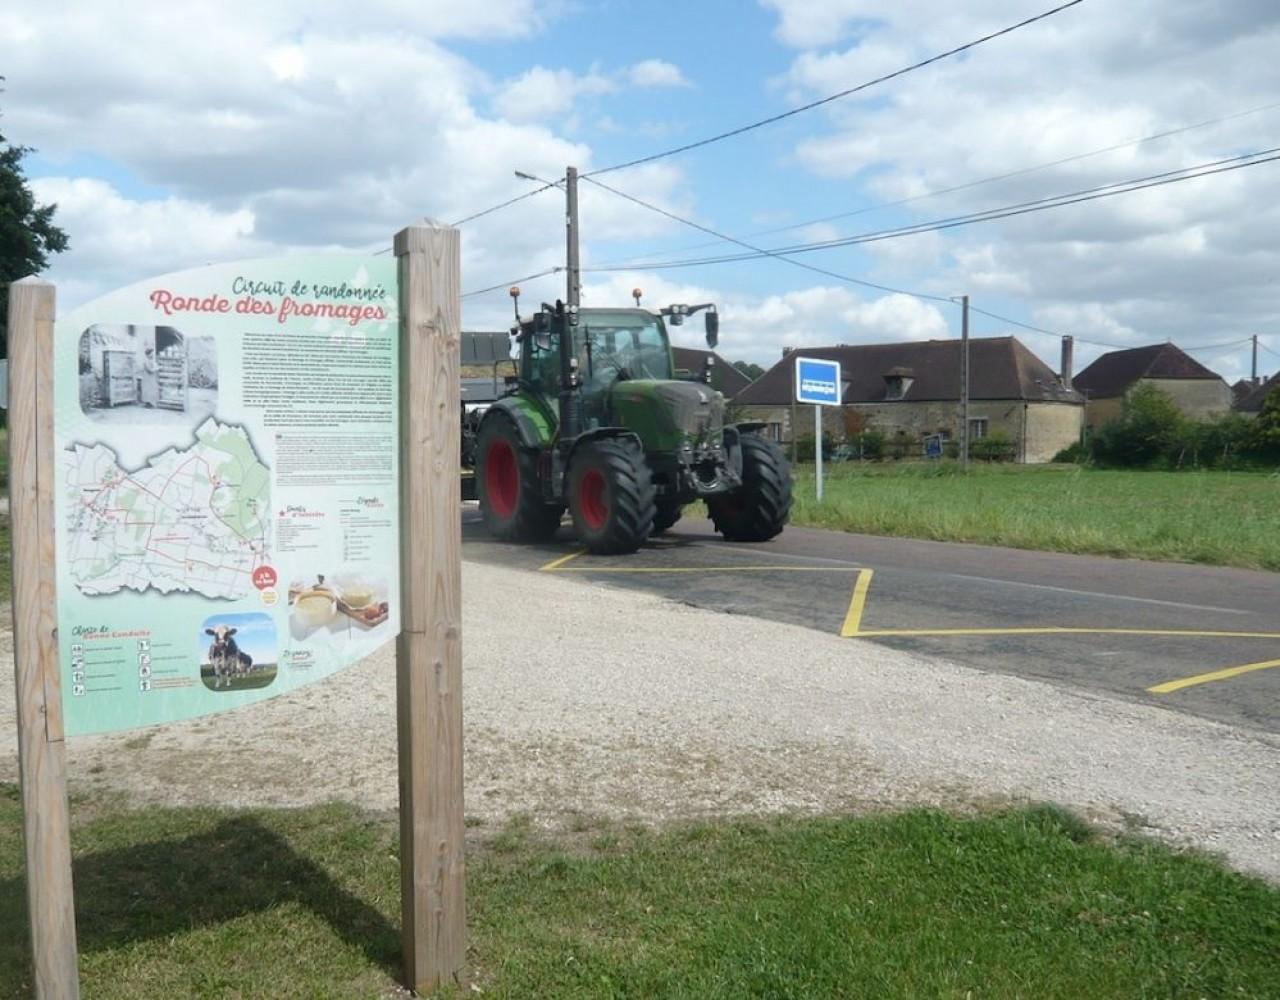 Vélo et Fromages dans l'Yonne invite à un parcours dans la région de Saint-Florentin, 25 km le long du canal de Bourgogne et sur des petites routes départementales. ©Traces Ecrites